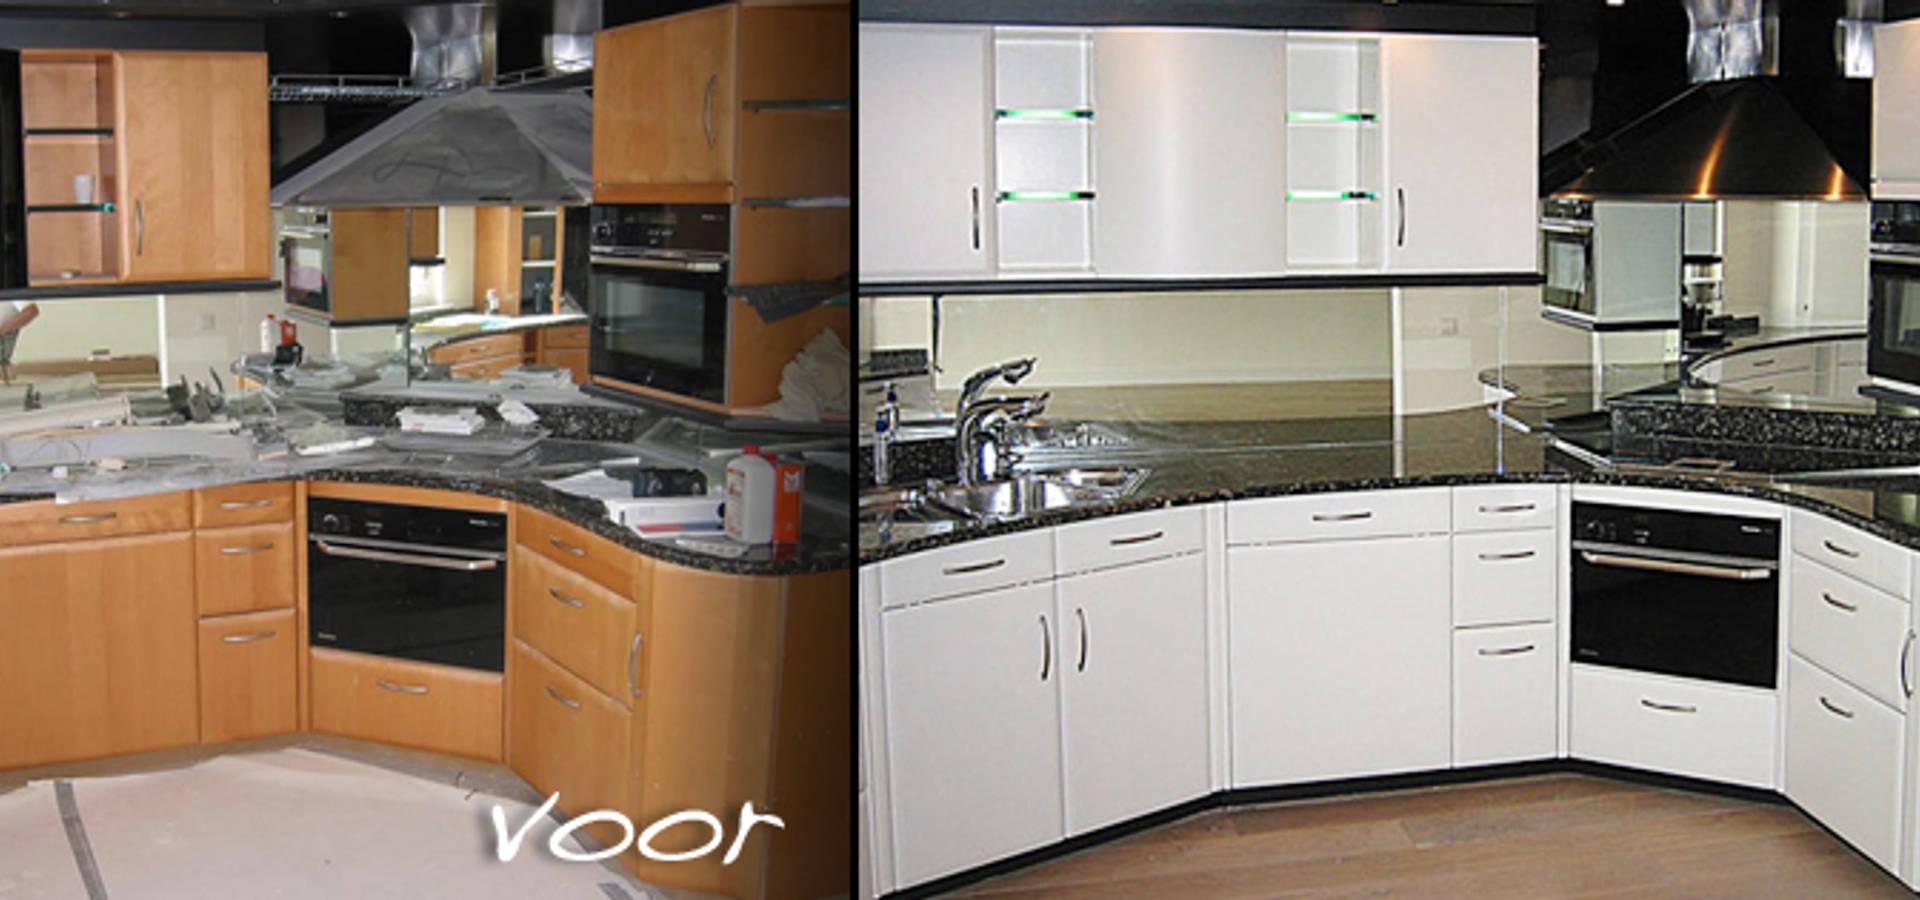 Eurobord Keukenspuiterij en Meubelspuiterij